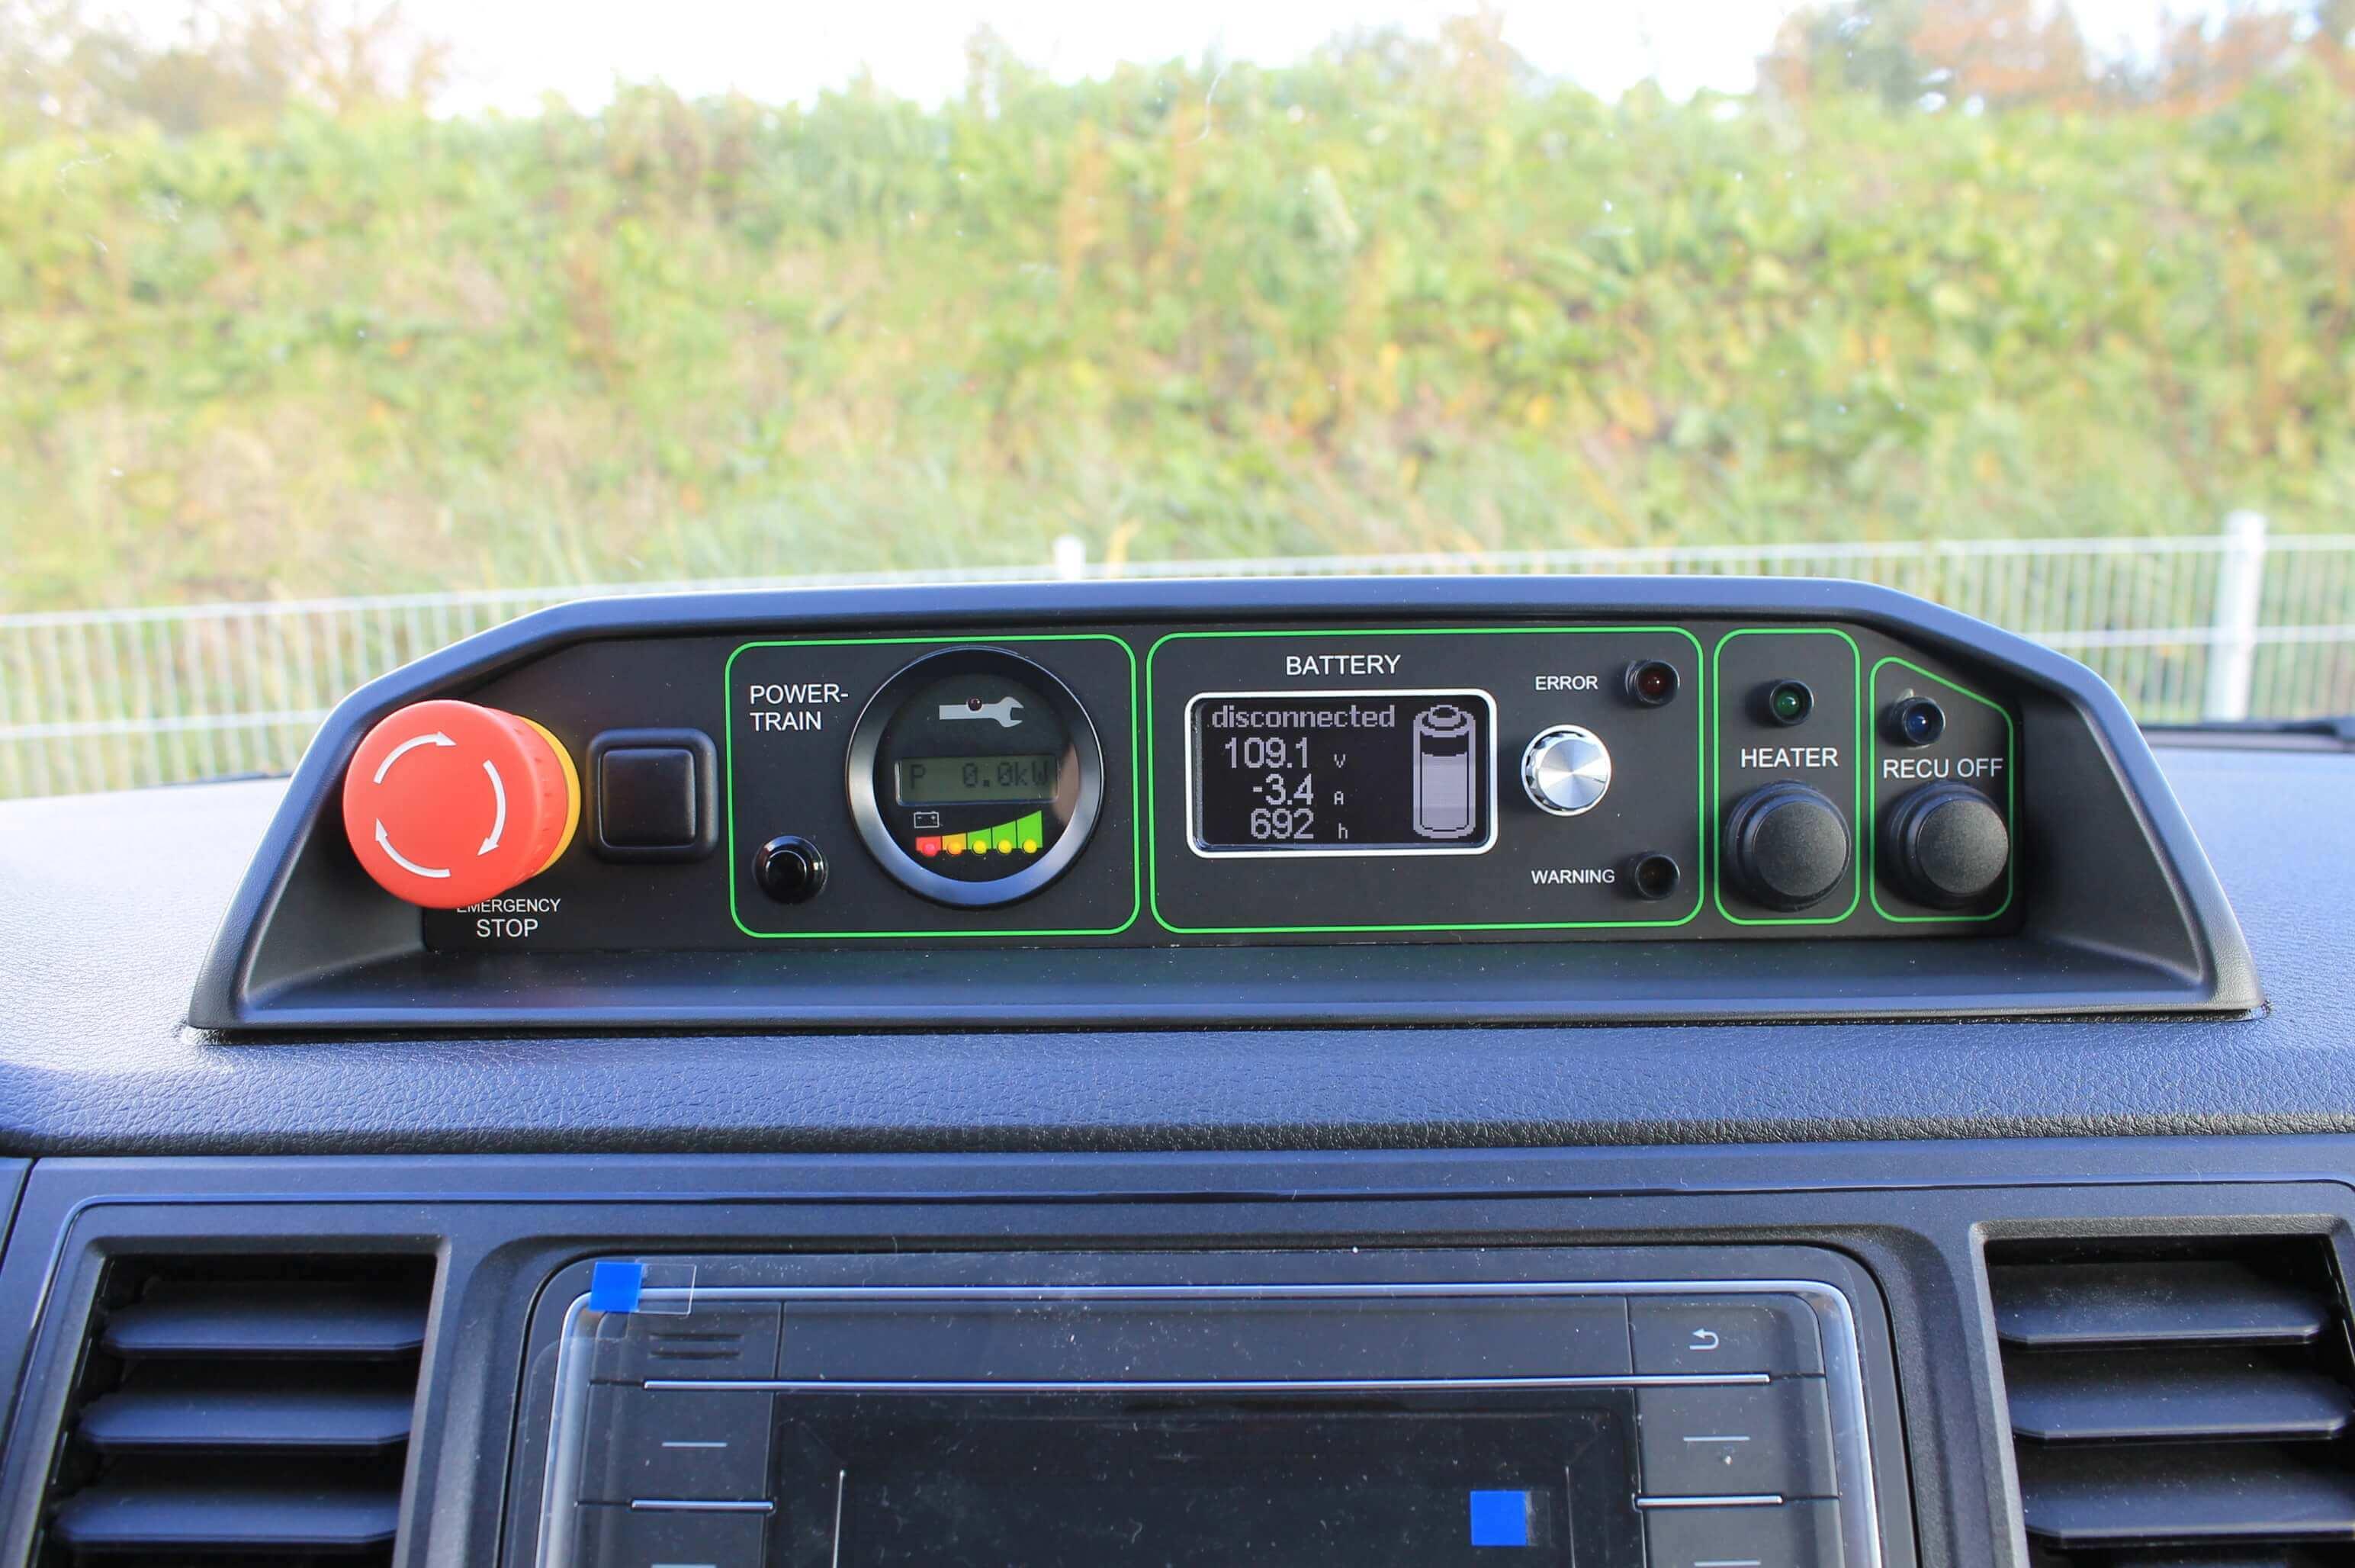 VW T6 Elektro mit Leichtbau Koffer, Schiebetüren, Innenbeleuchtung, Dachspoiler, AB1901318 (26)